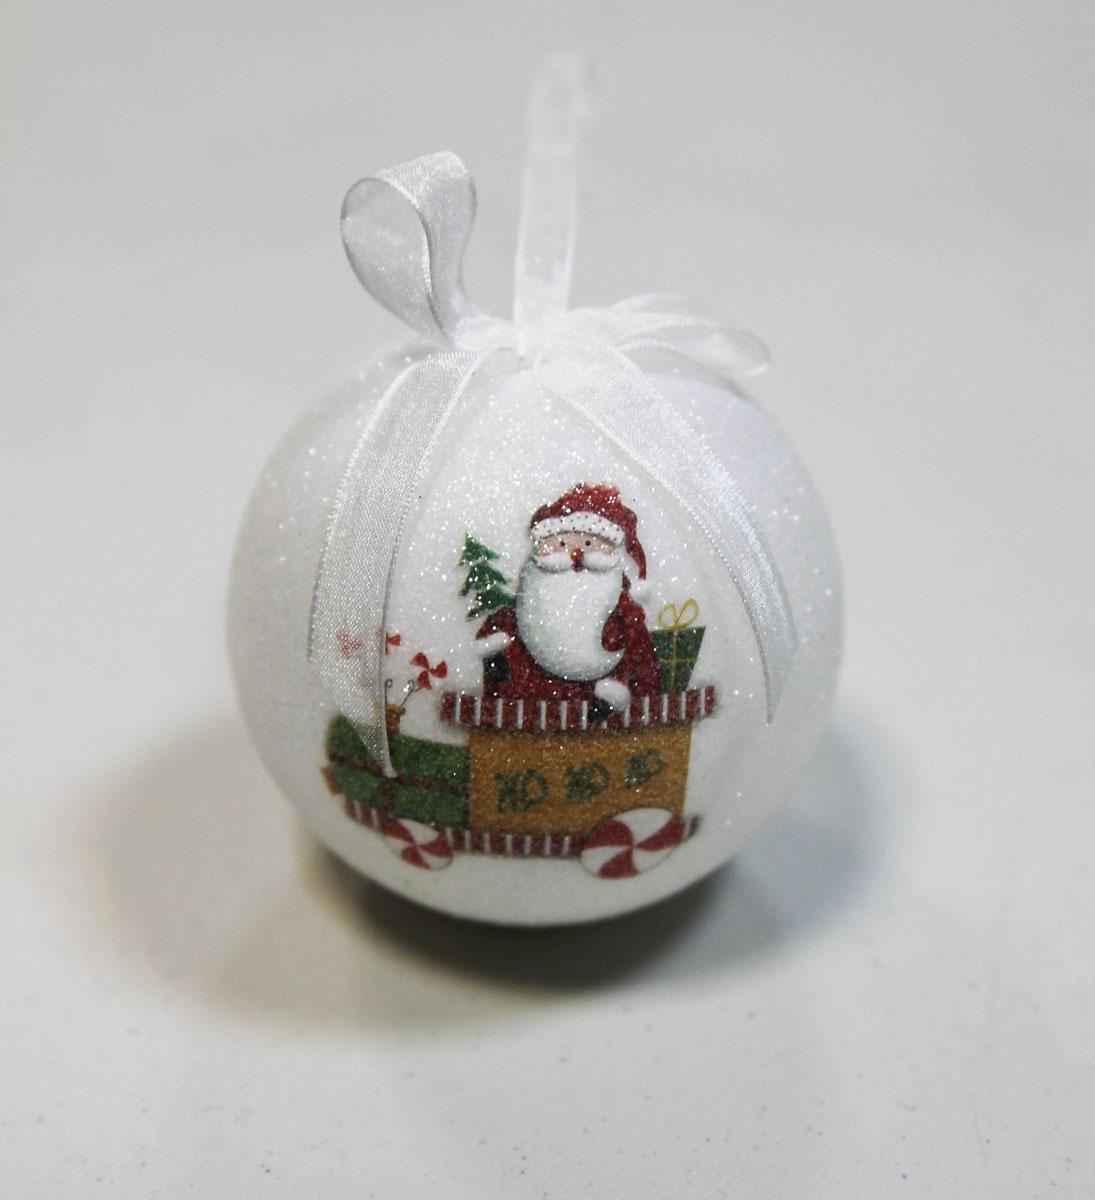 Новогоднее подвесное украшение Kosmos Шар, с подсветкой, диаметр 8 см09840-20.000.00Новогоднее украшение Kosmos Шар отлично подойдет для декорации вашего дома и новогодней ели. Украшение выполнено в виде шара, украшенного текстильным бантом. Особенностью данного украшения является наличие устройства, при включении которого шар светится.Елочная игрушка - символ Нового года. Она несет в себе волшебство и красоту праздника. Создайте в своем доме атмосферу веселья и радости, украшая всей семьей новогоднюю елку нарядными игрушками, которые будут из года в год накапливать теплоту воспоминаний. УВАЖАЕМЫЕ КЛИЕНТЫ!Украшение работает от 3-х батареек LR44 (G13), напряжением 1.5V. Батарейки входят в комплект.